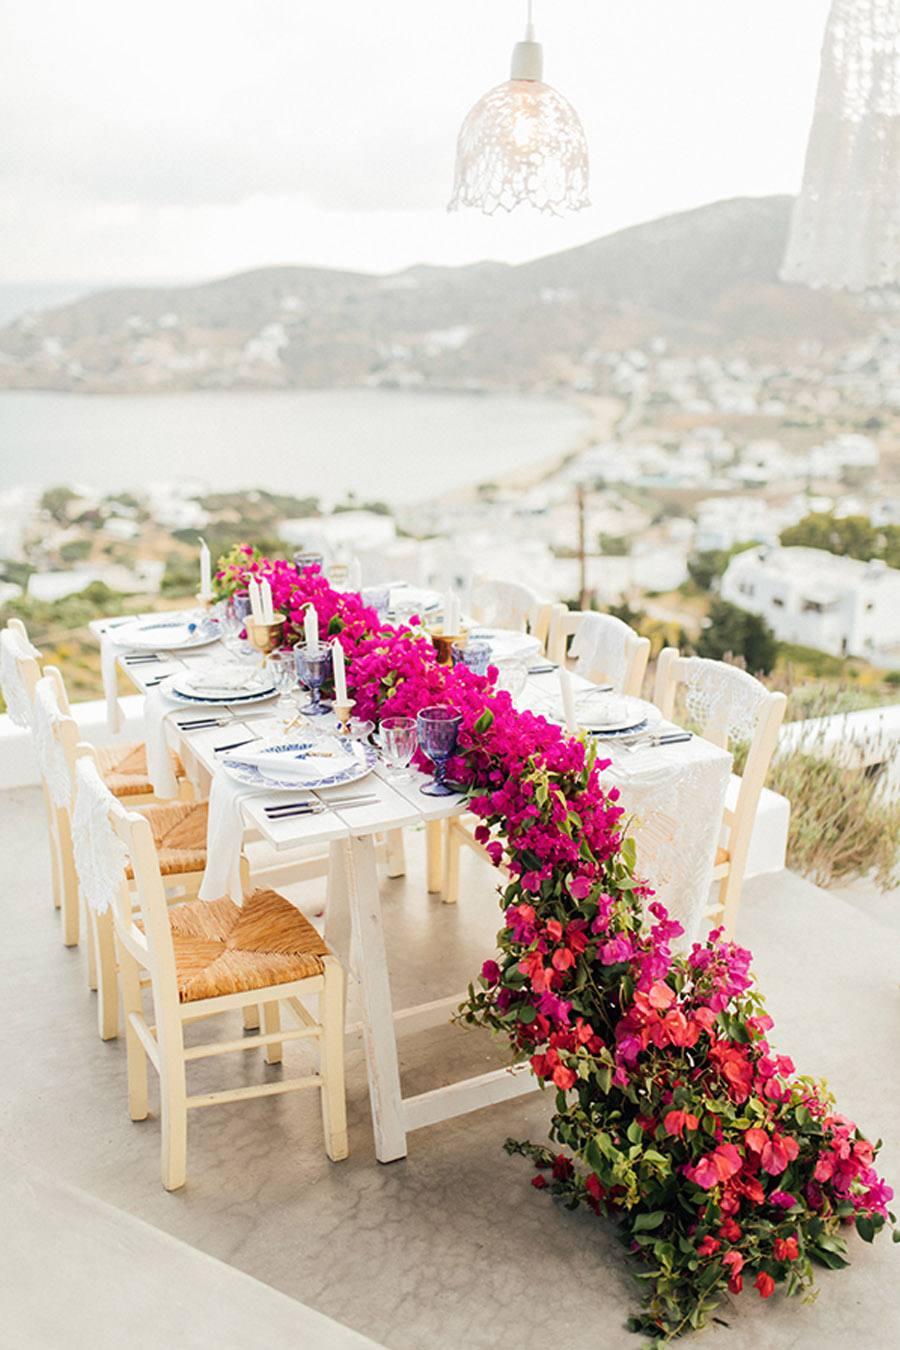 UNA BODA GRIEGA JUNTO AL MAR boda-griega-deco-mesa